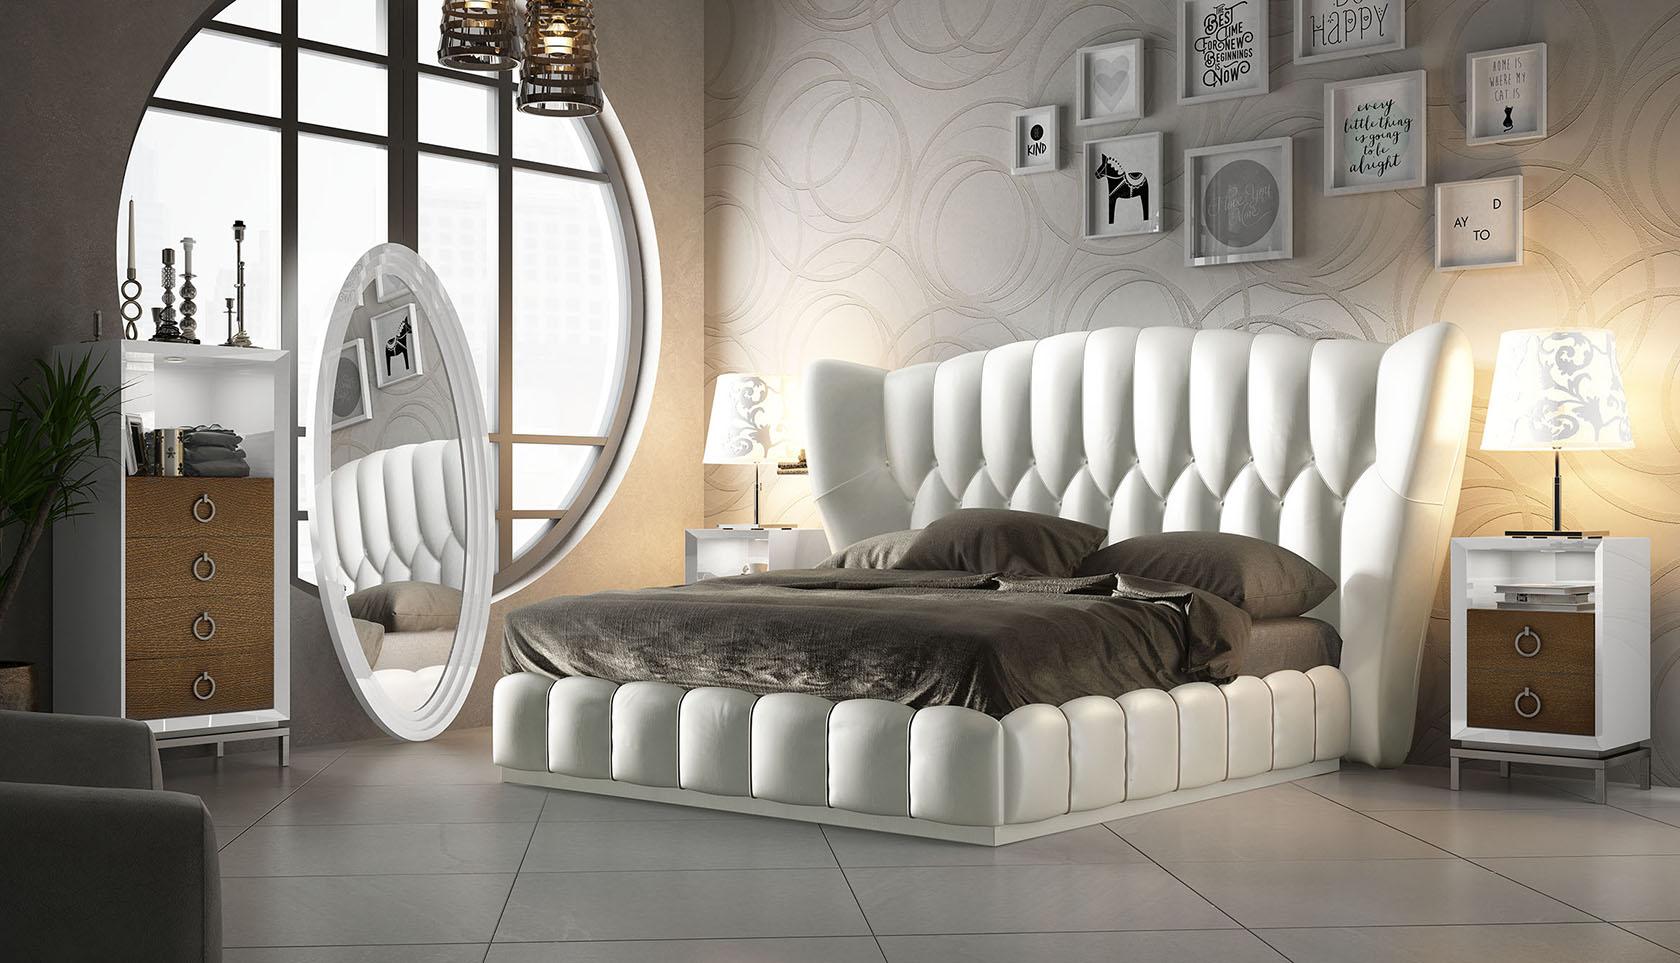 Dormitorios_Contempóraneos_(16)